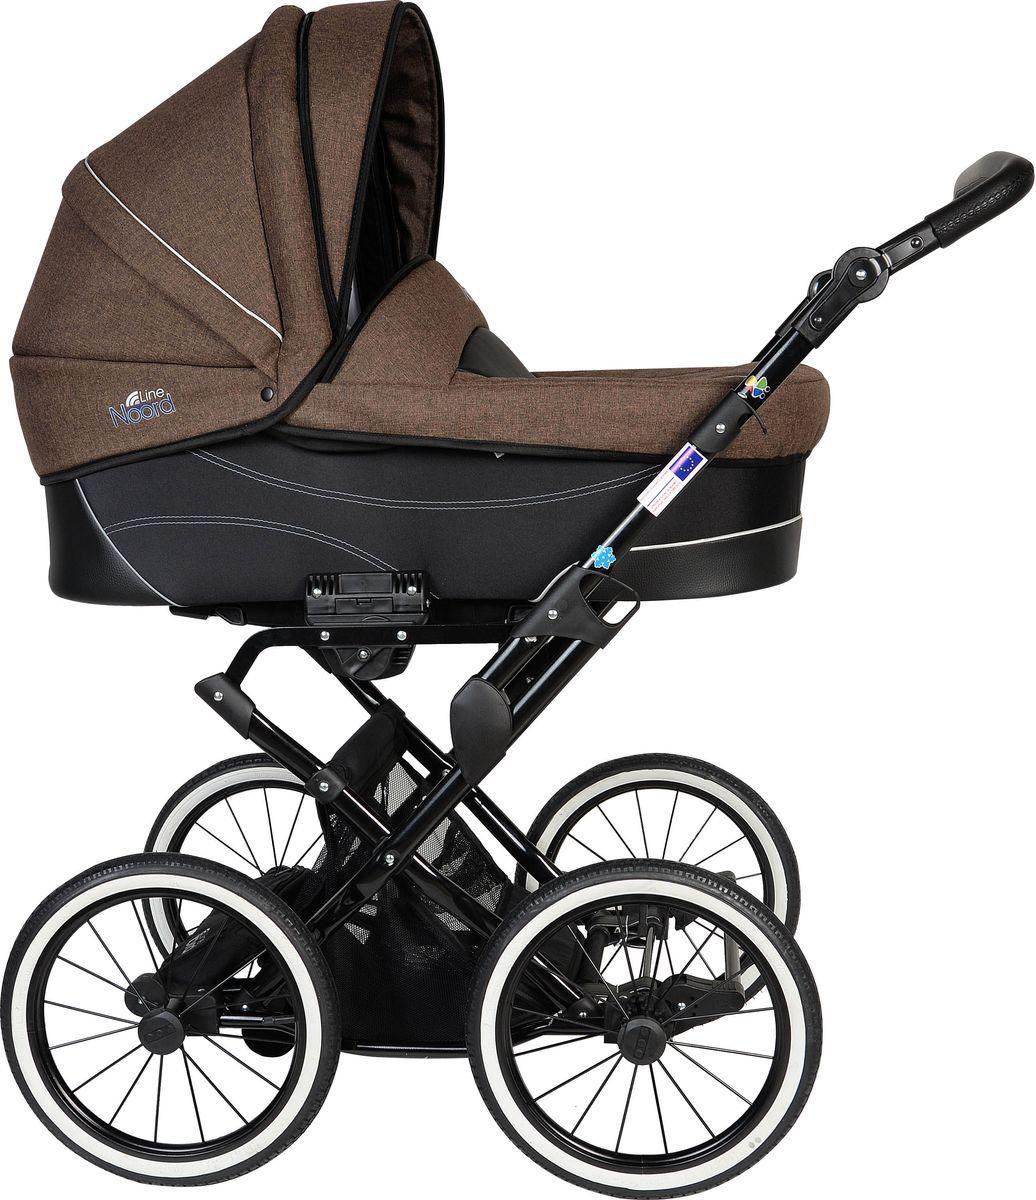 Noordline Коляска универсальная 2 в 1 Beatrice Classic цвет шоколадныйNL-BR2-CL-CHМодель коляски на классическом шасси с ременной амортизайцией- самой мягкой на сегодняшний день. Ремни позволяют раскачивать коляску в разных направлениях (вдоль и поперёк) и быстро укачивать малыша, что особенно важно для новорожденных. Этот всесезонный вездеход рекомендуется детям с рождения до 3 лет. Большие надувные колеса легко снимаются, как и люлька с сиденьем, если необходимо сложить шасси для дальнейшей транспортировки в багажнике либо в руке одного из родителей. Преимущества данной модели перед колясками другого производителя: Утепленный короб с деревянной вставкой для улучшения вентиляции под матрасиком и сохранения устойчивой плюсовой температуры внутри люльки в зимнее время. Надувные колеса-вездеходы, не требующие постоянной подкачки. Достаточно одного-двух раз в год проводить подкачку с помощью подручного насоса, включая велосипедный. Крепкая металлическая рама устойчива к химическим реагентам, которыми посыпаются городские улицы. Обивка...